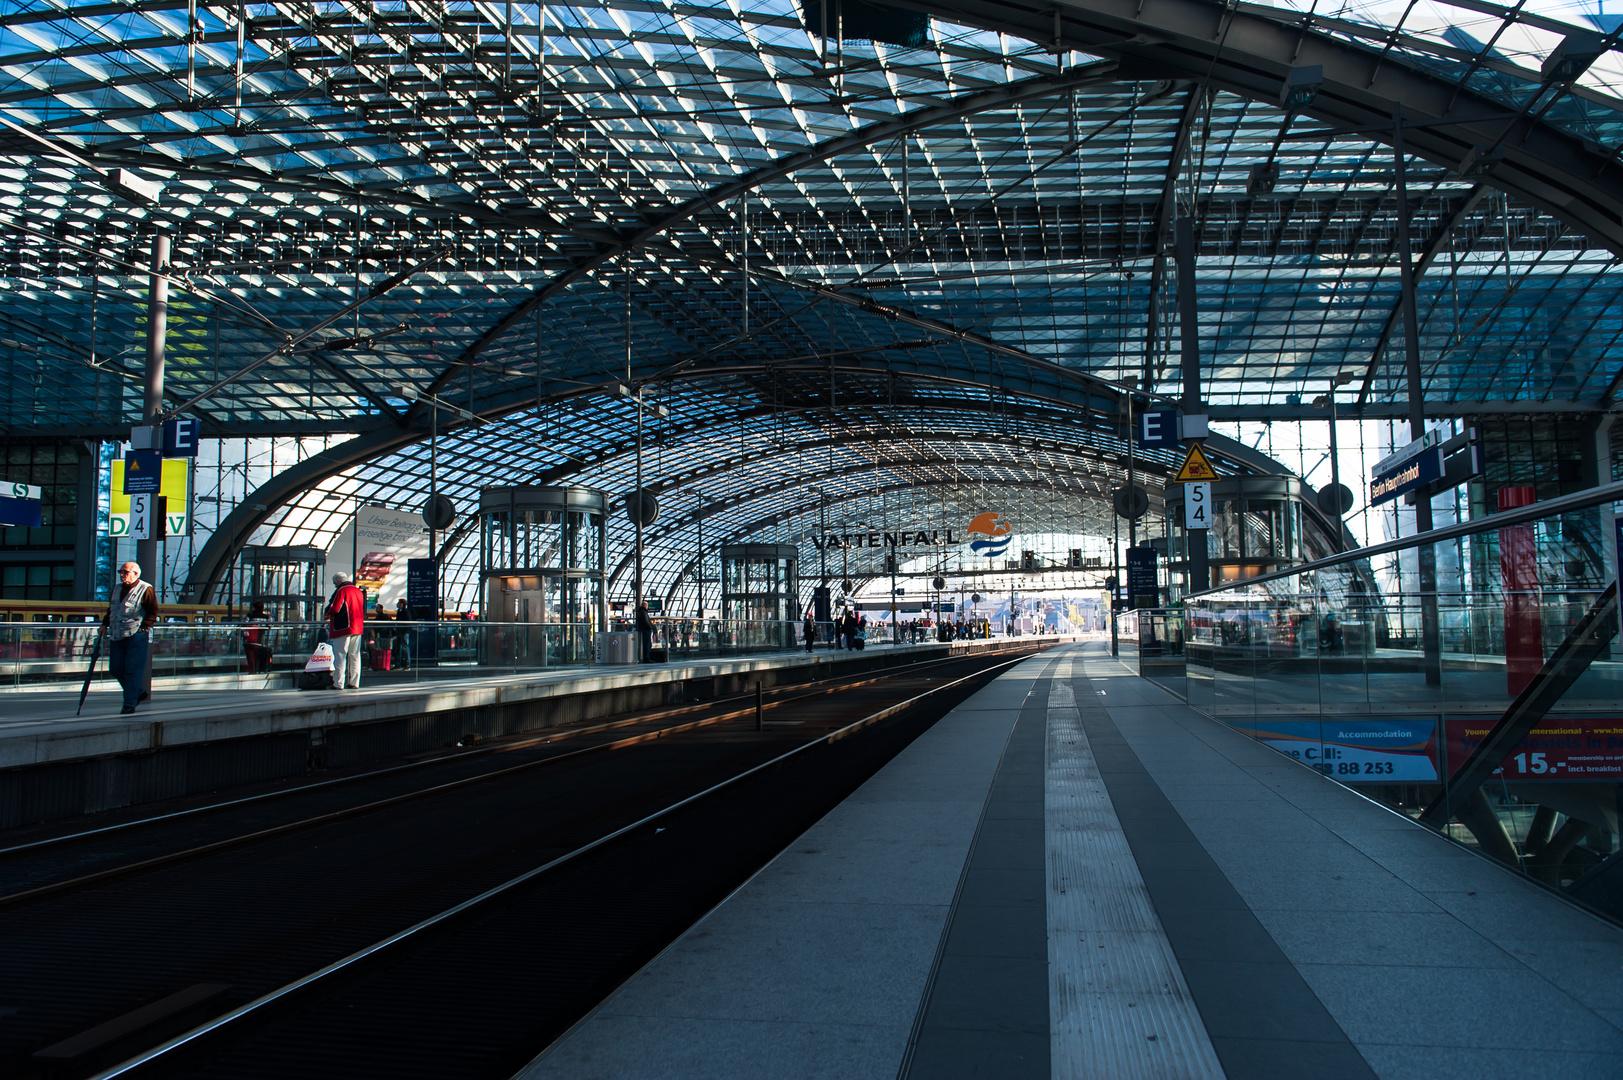 sehr schöner Bahnhof von Berlin